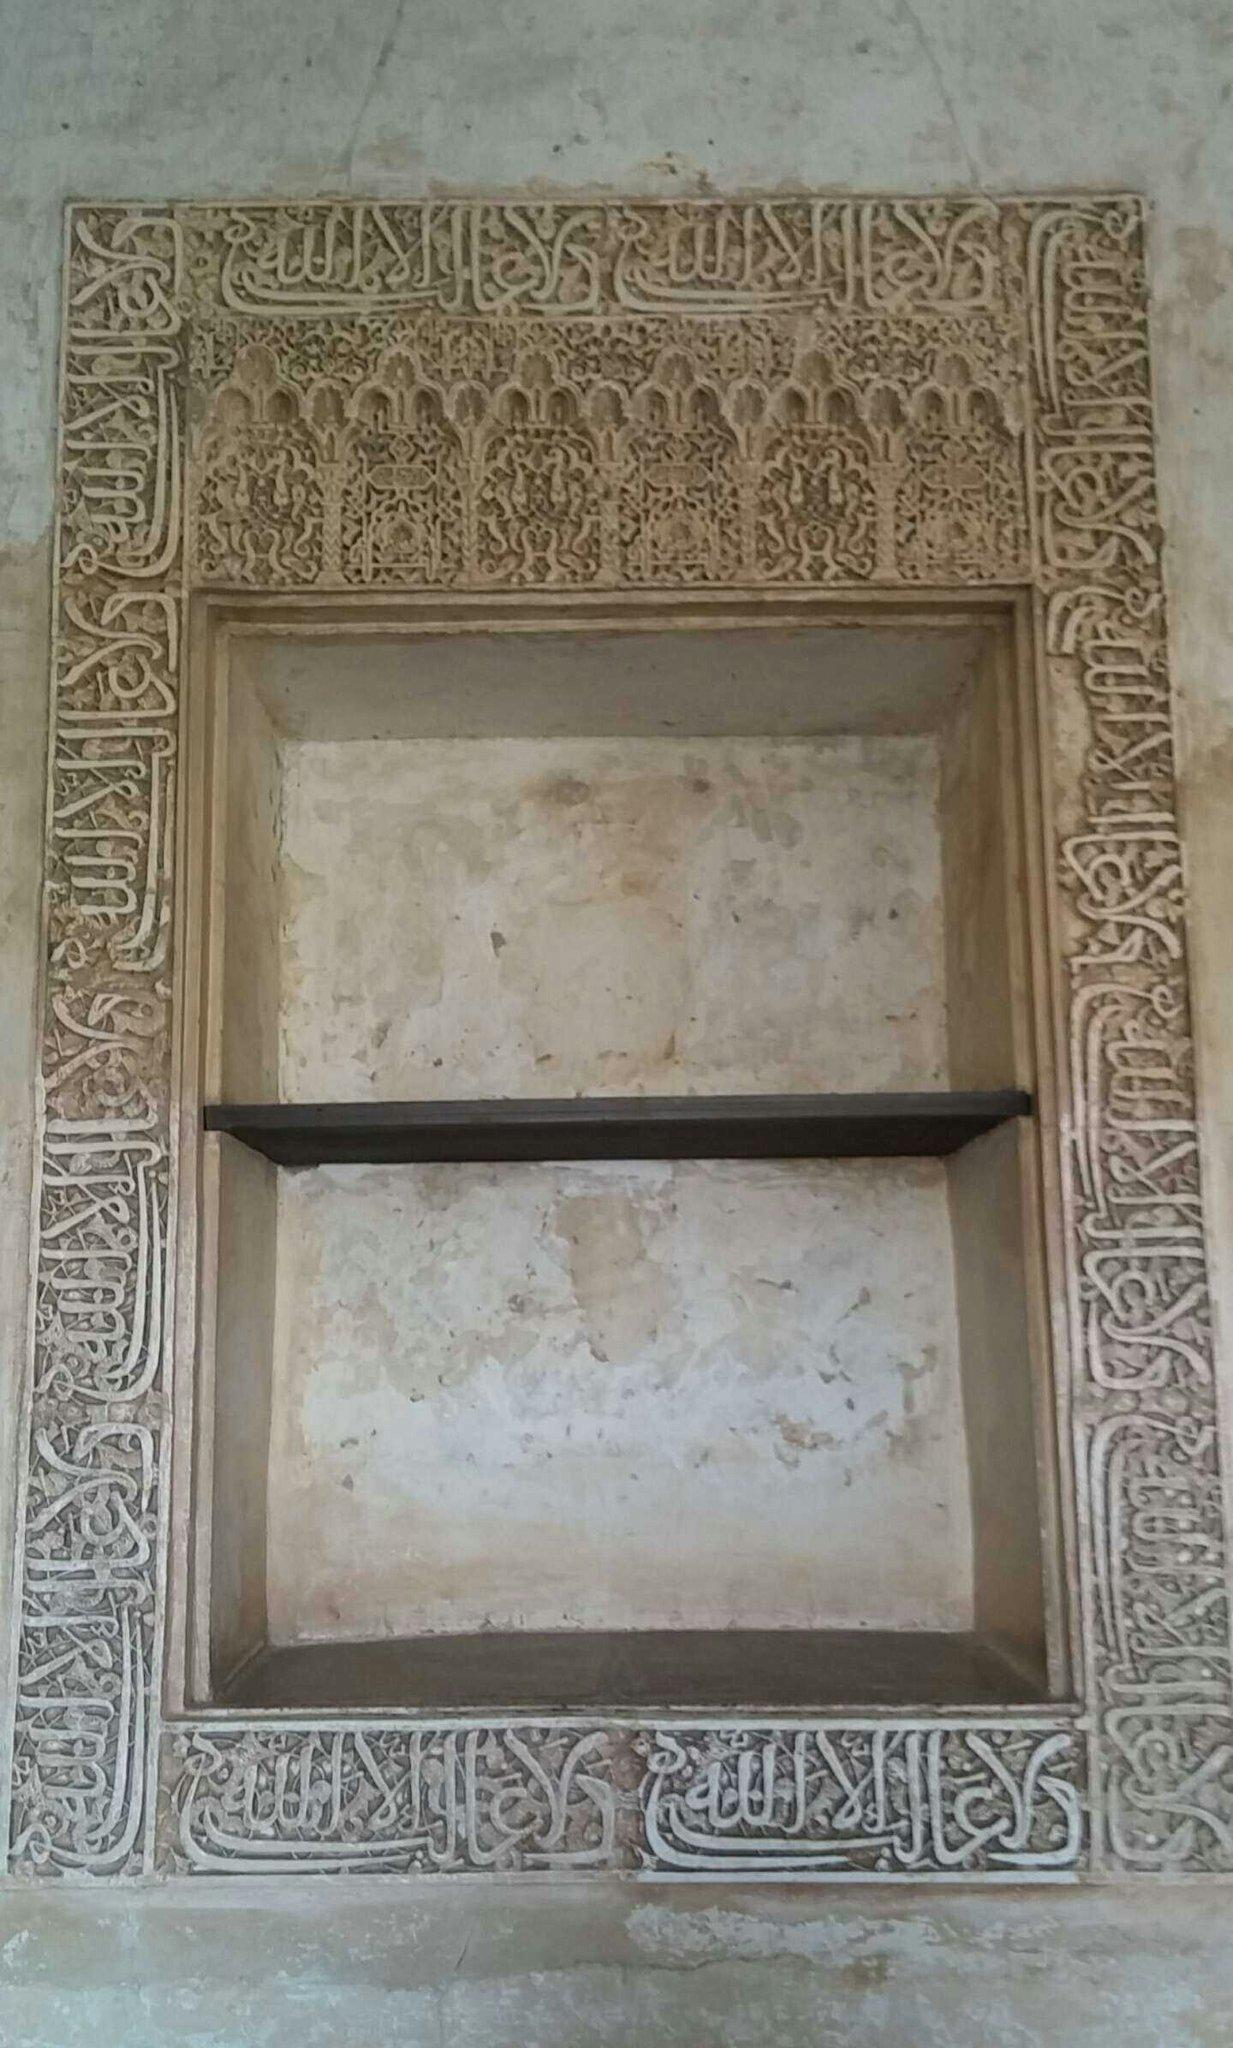 """عند الدخول لقصر الحمراء من باب الشريعه تجد هذه اللوحة مكتوب عليها  """"لا غالب إلا الله"""" #الأندلس #غرناطة #قصر_الحمراء https://t.co/fO1EKHR10F"""